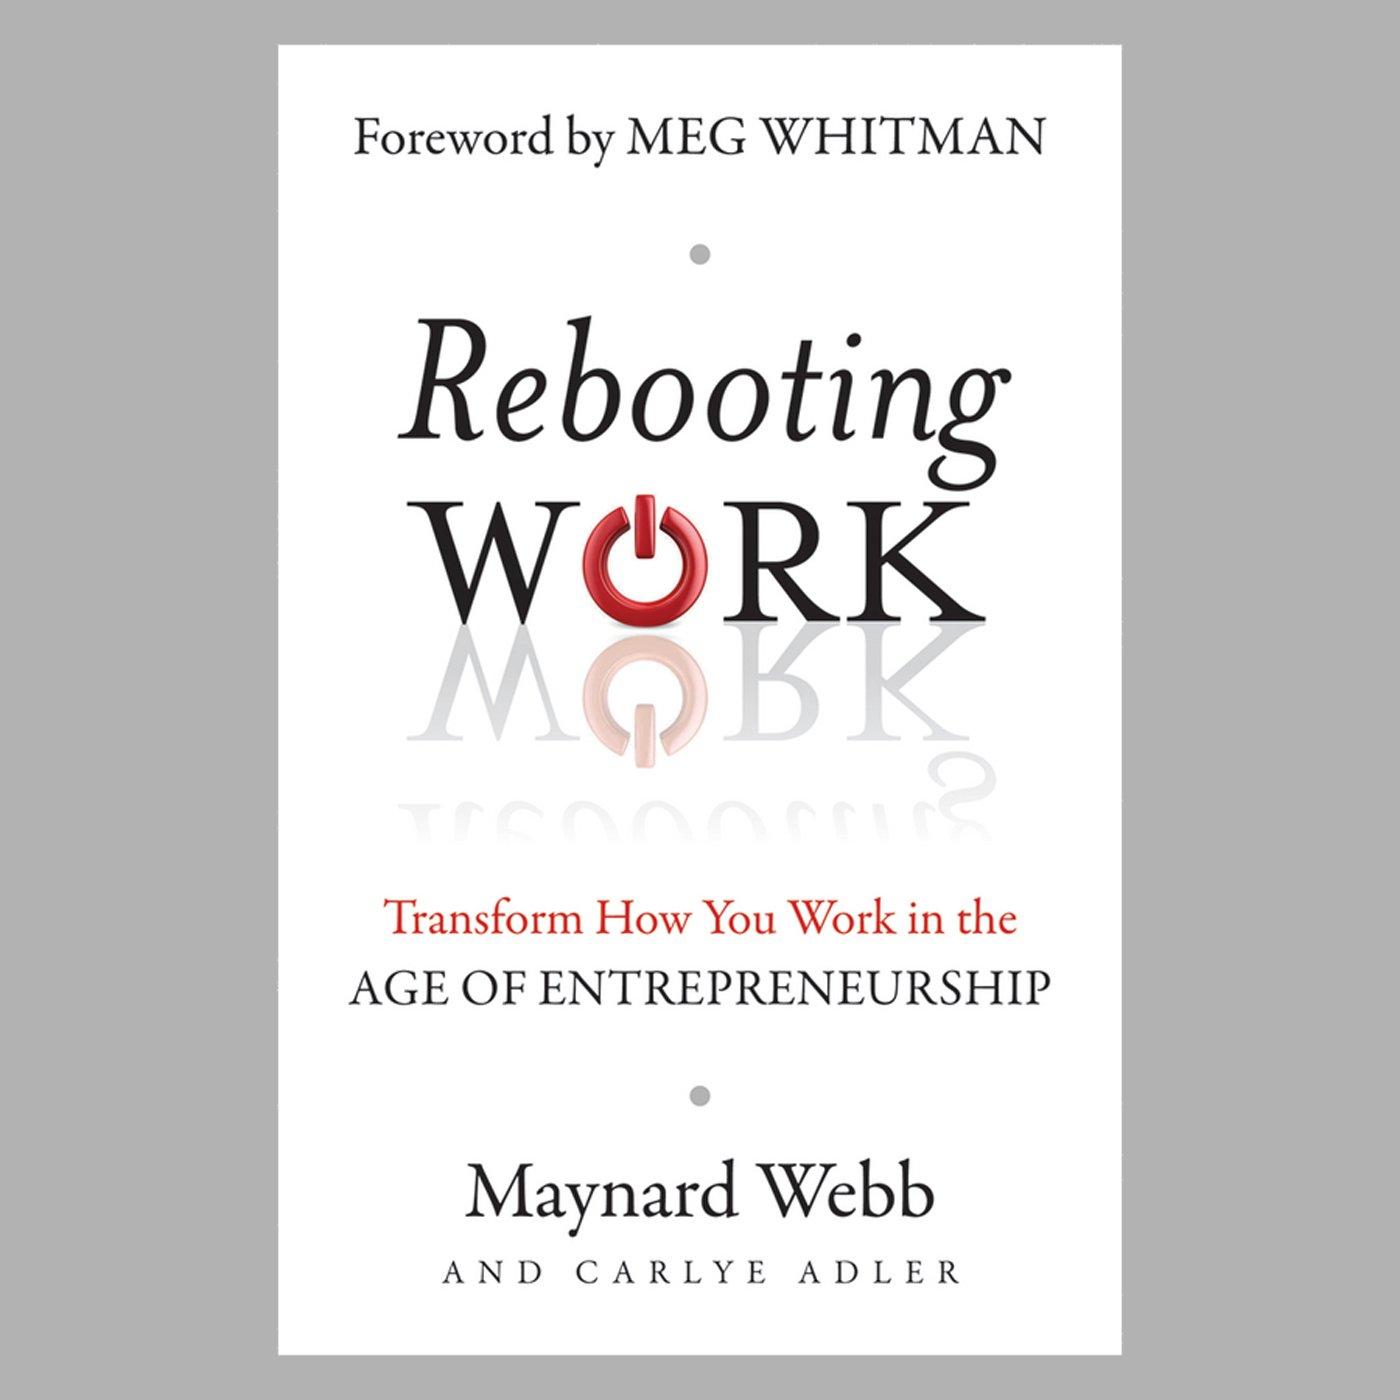 Rebooting Work: Reimagining Work in the Age of Entrepreneurship